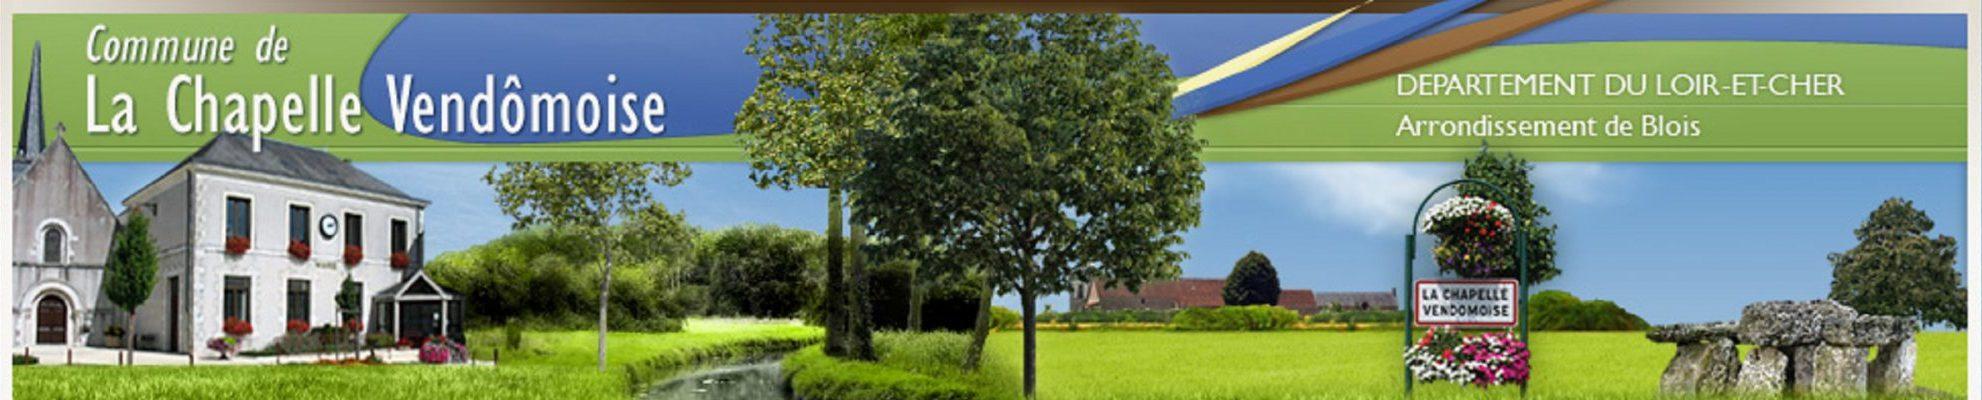 La Chapelle Vendomoise – Site officiel de la commune